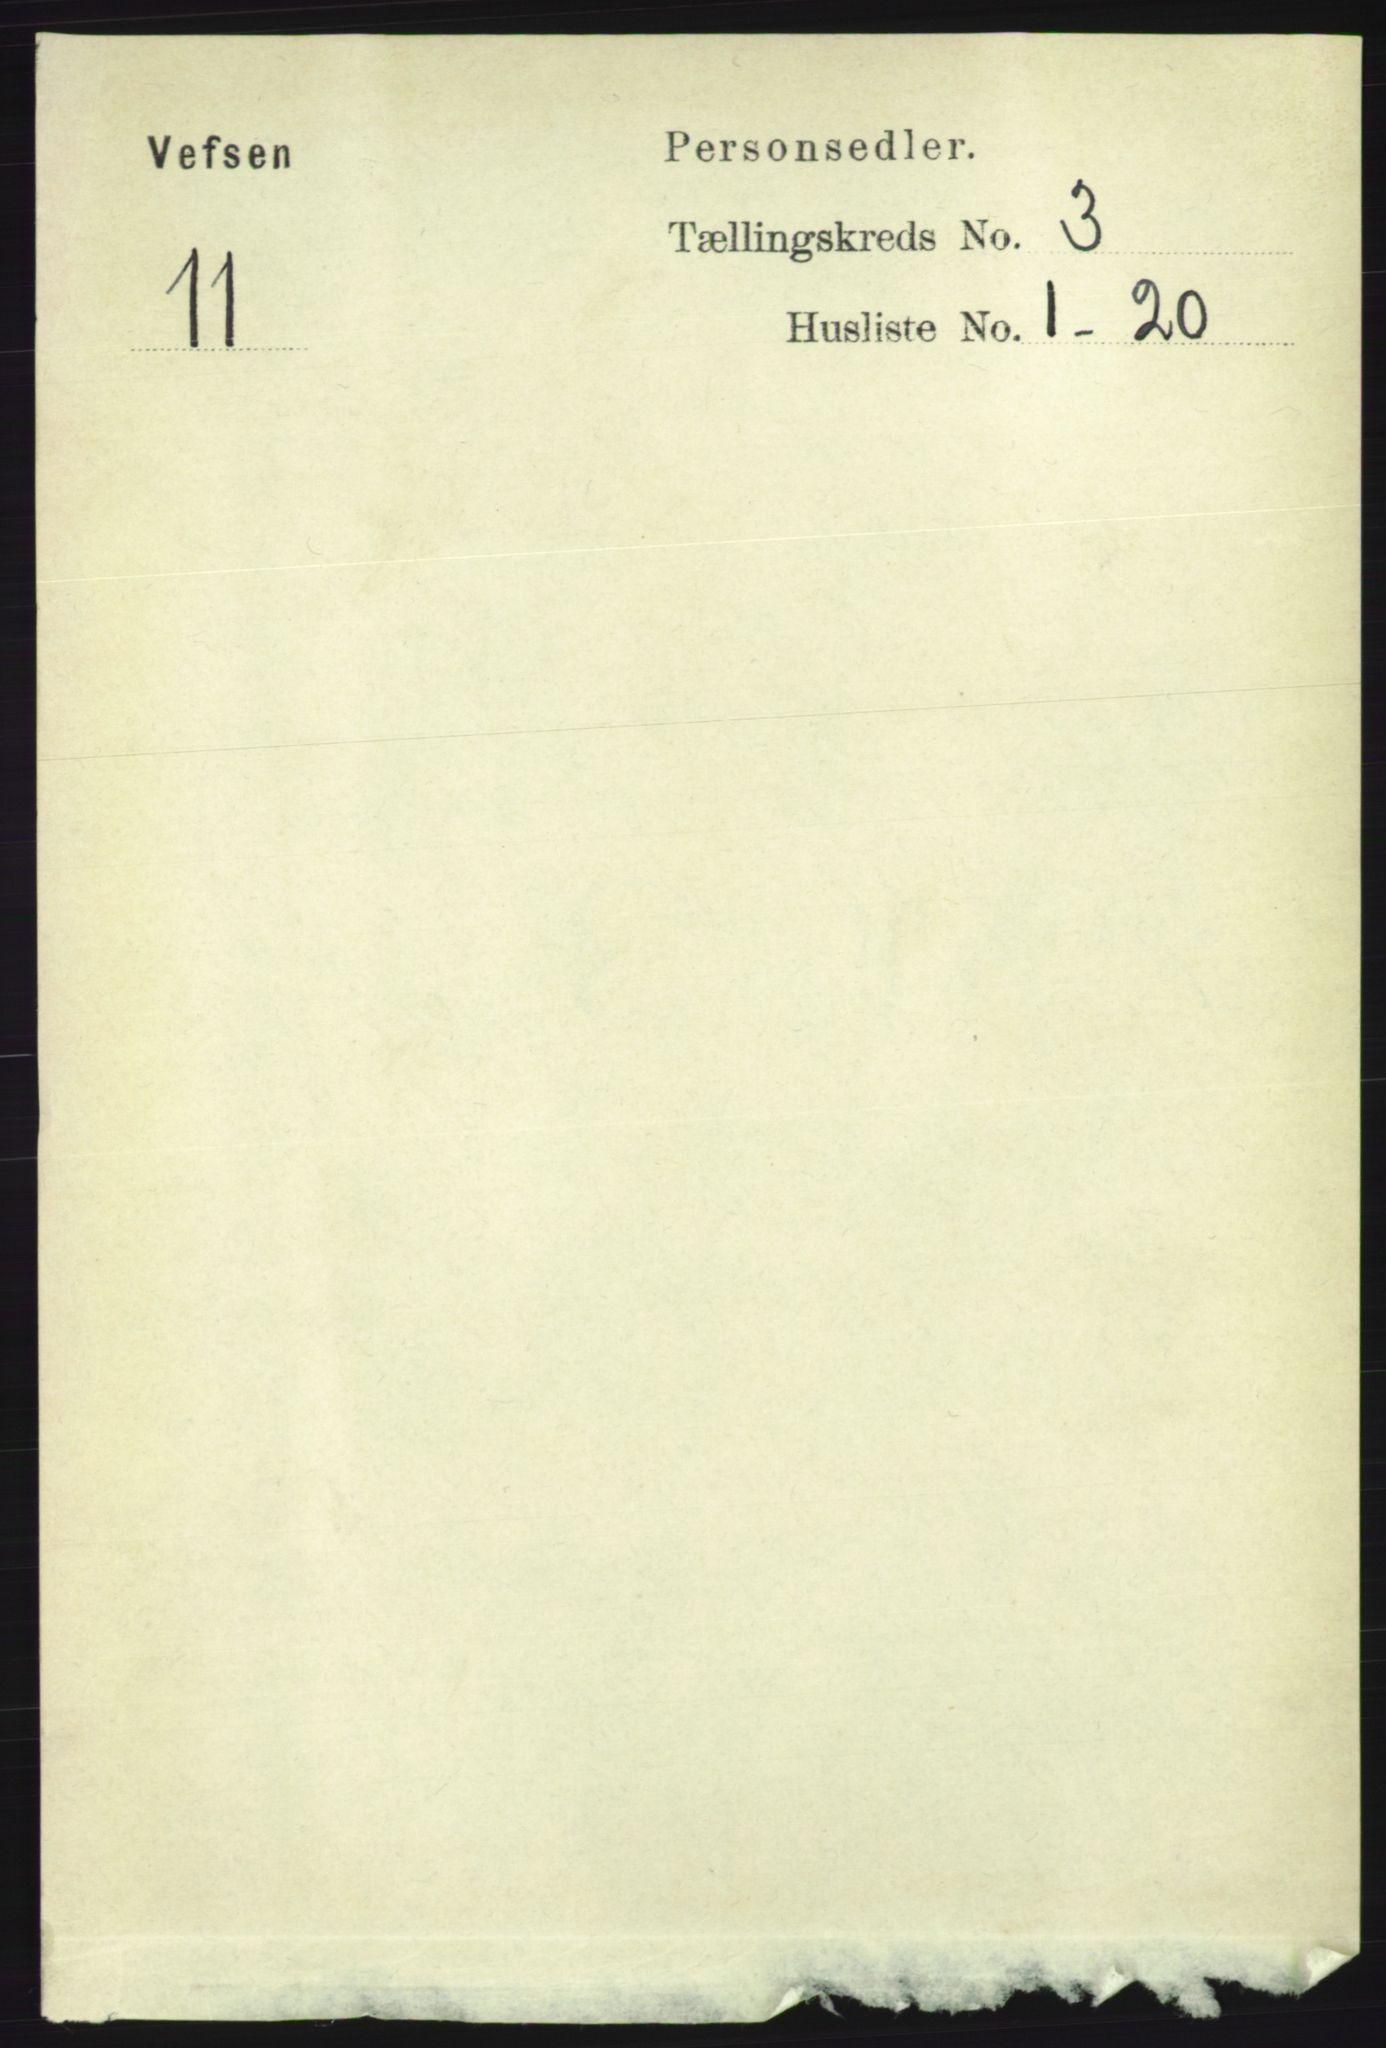 RA, Folketelling 1891 for 1824 Vefsn herred, 1891, s. 1276